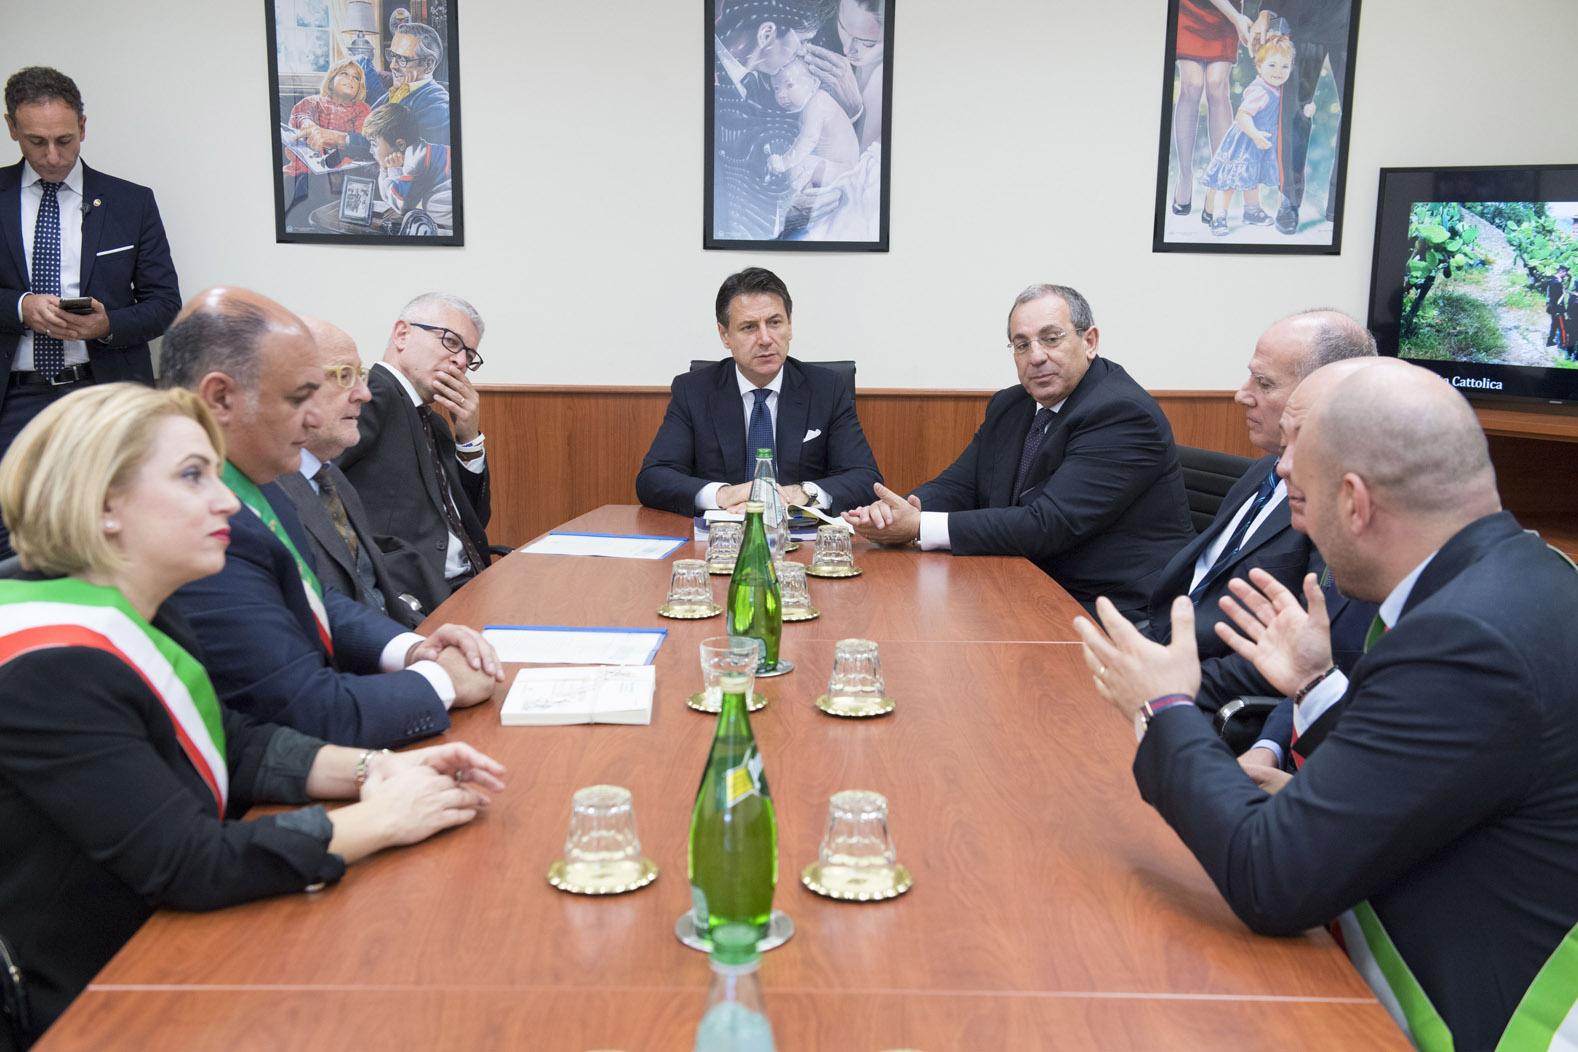 Il presidente del Consiglio Giuseppe Contescrive al Quotidiano del Sud l'Altravoce dell'Italia«Dovremmo dare al Sud il 6% di spesa in più»